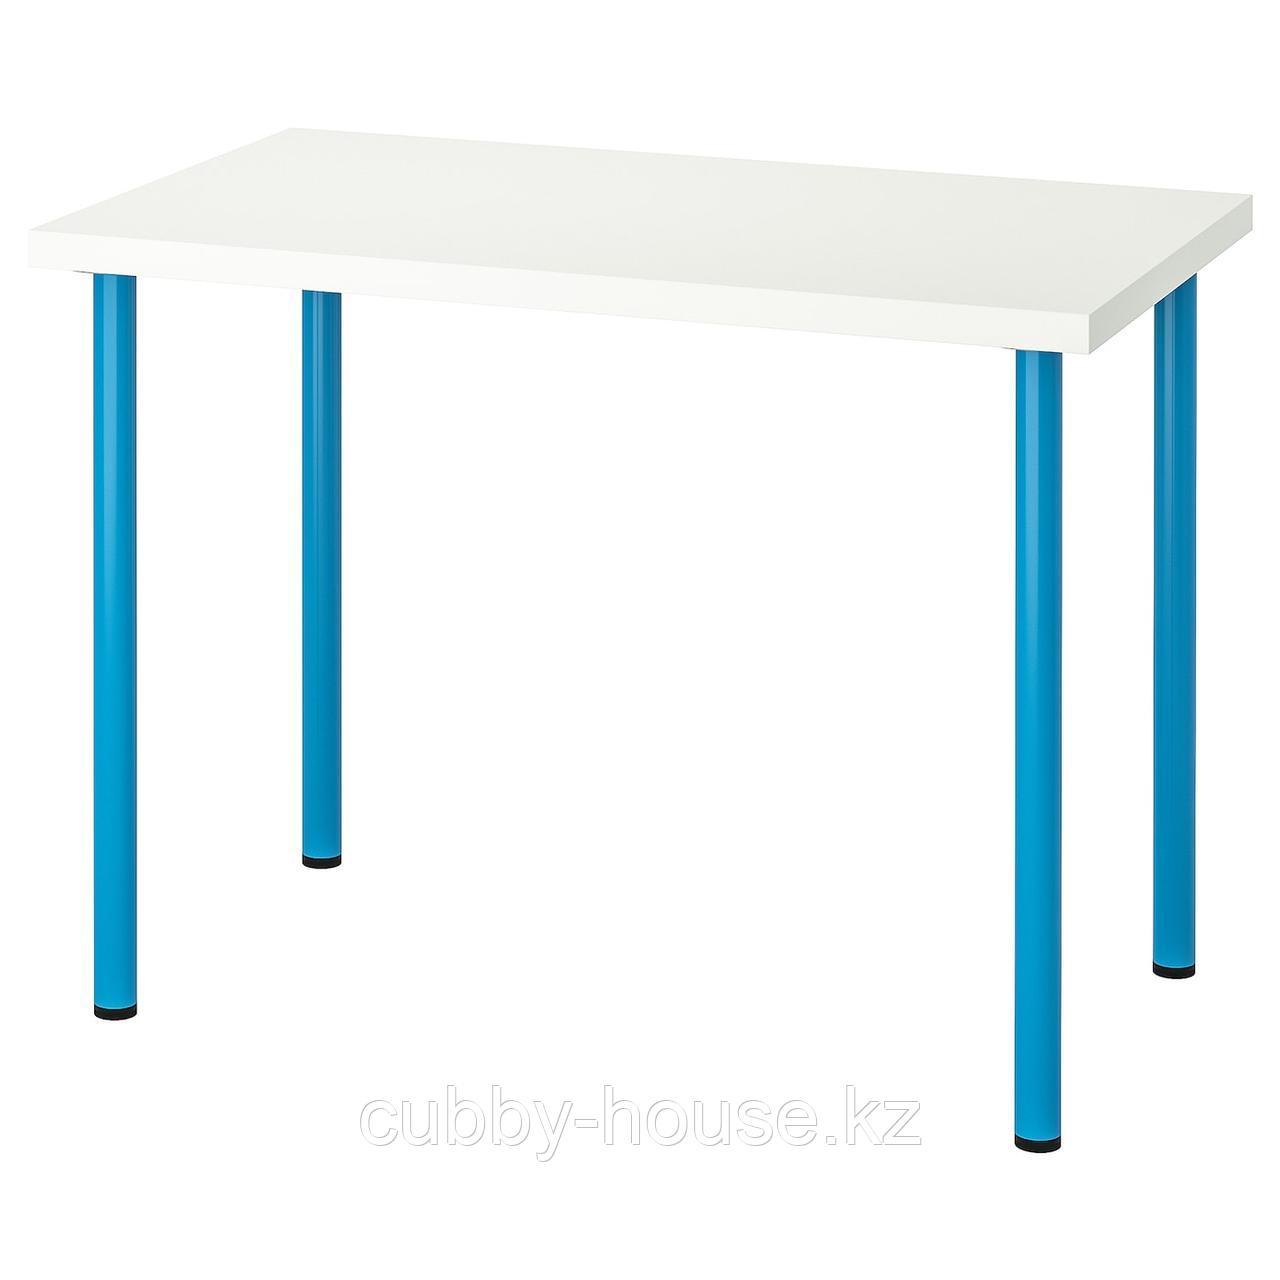 ЛИННМОН / АДИЛЬС Стол, белый, 100x60 см